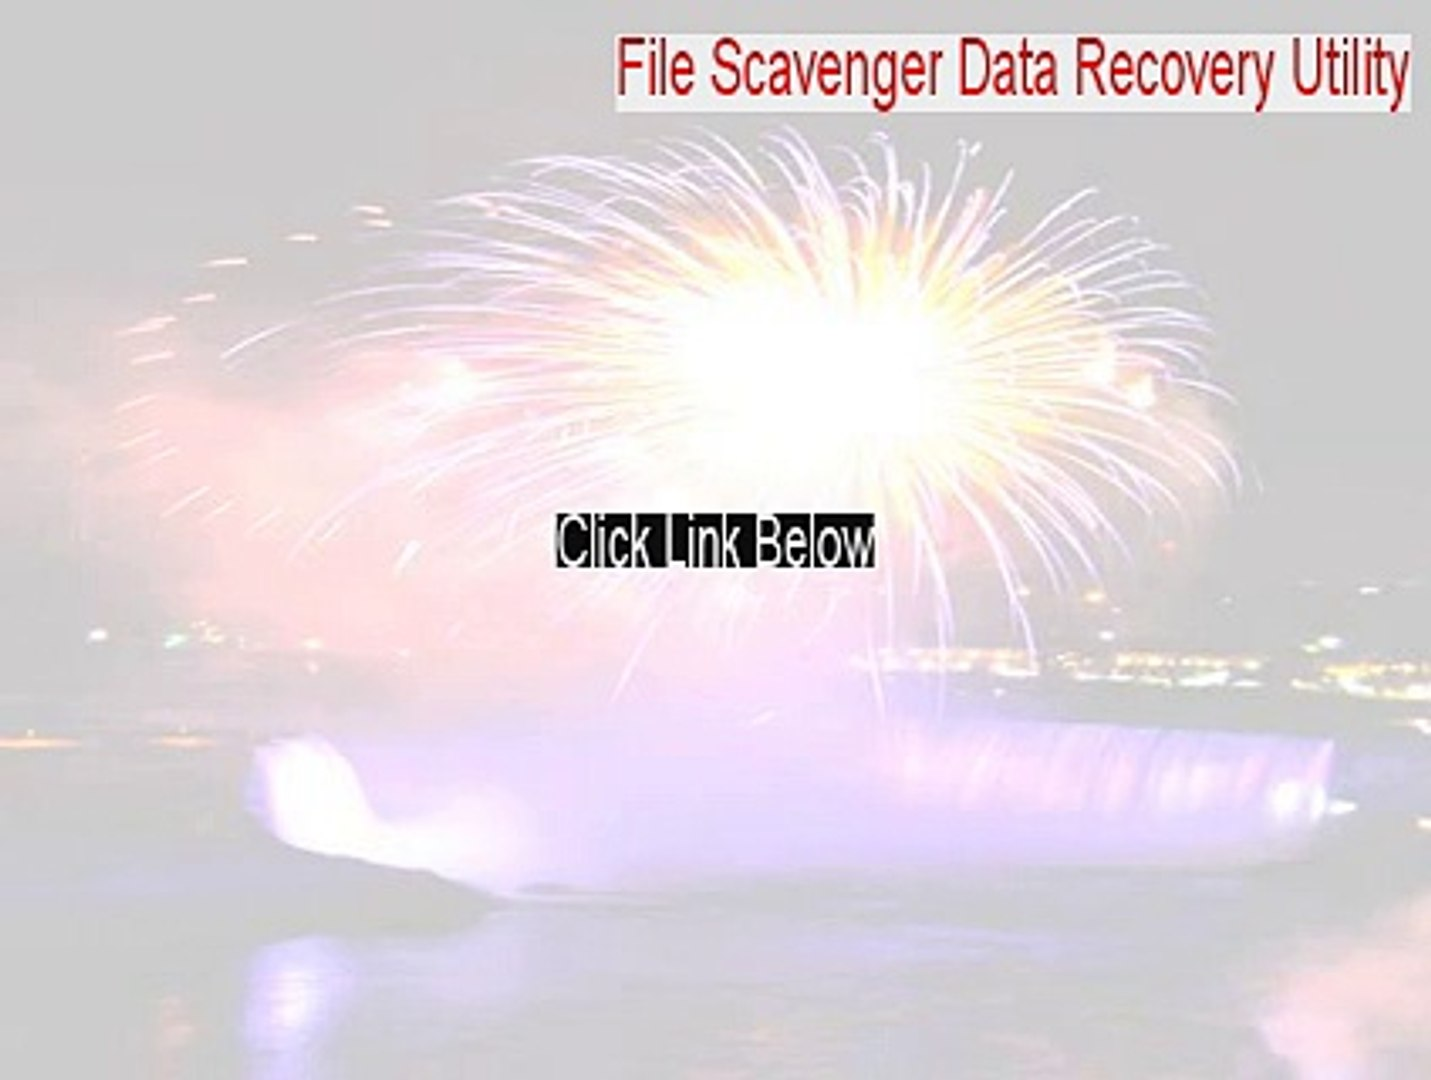 download file scavenger 4.1 license key